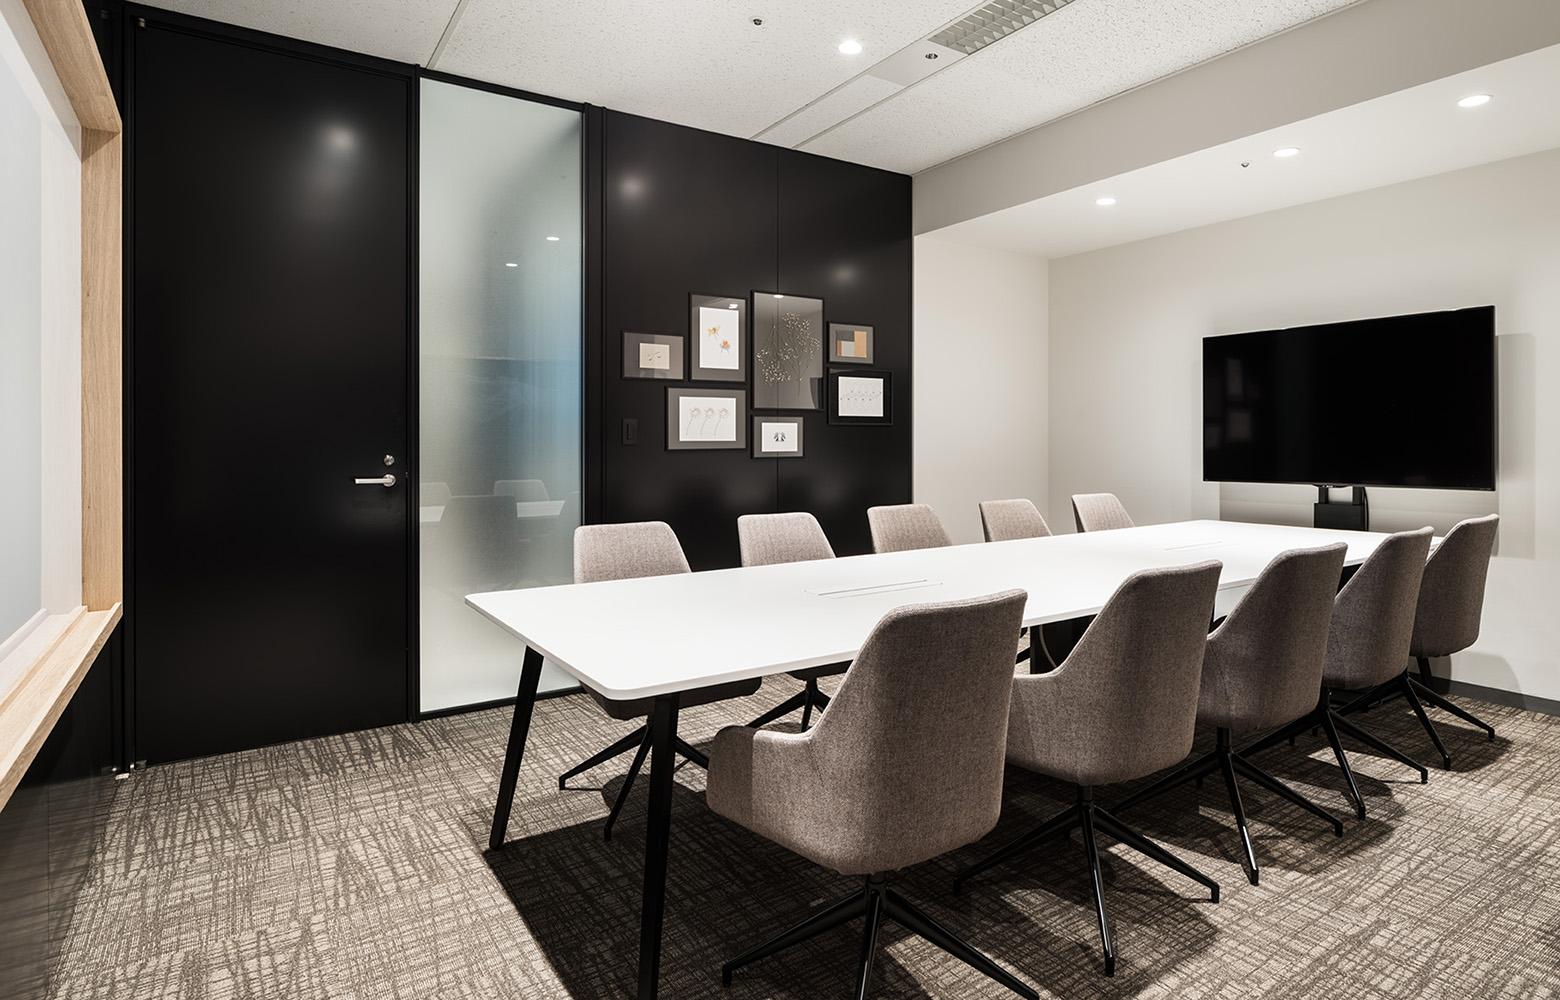 フォースタートアップス株式会社 Meeting Space_2 デザイン・レイアウト事例